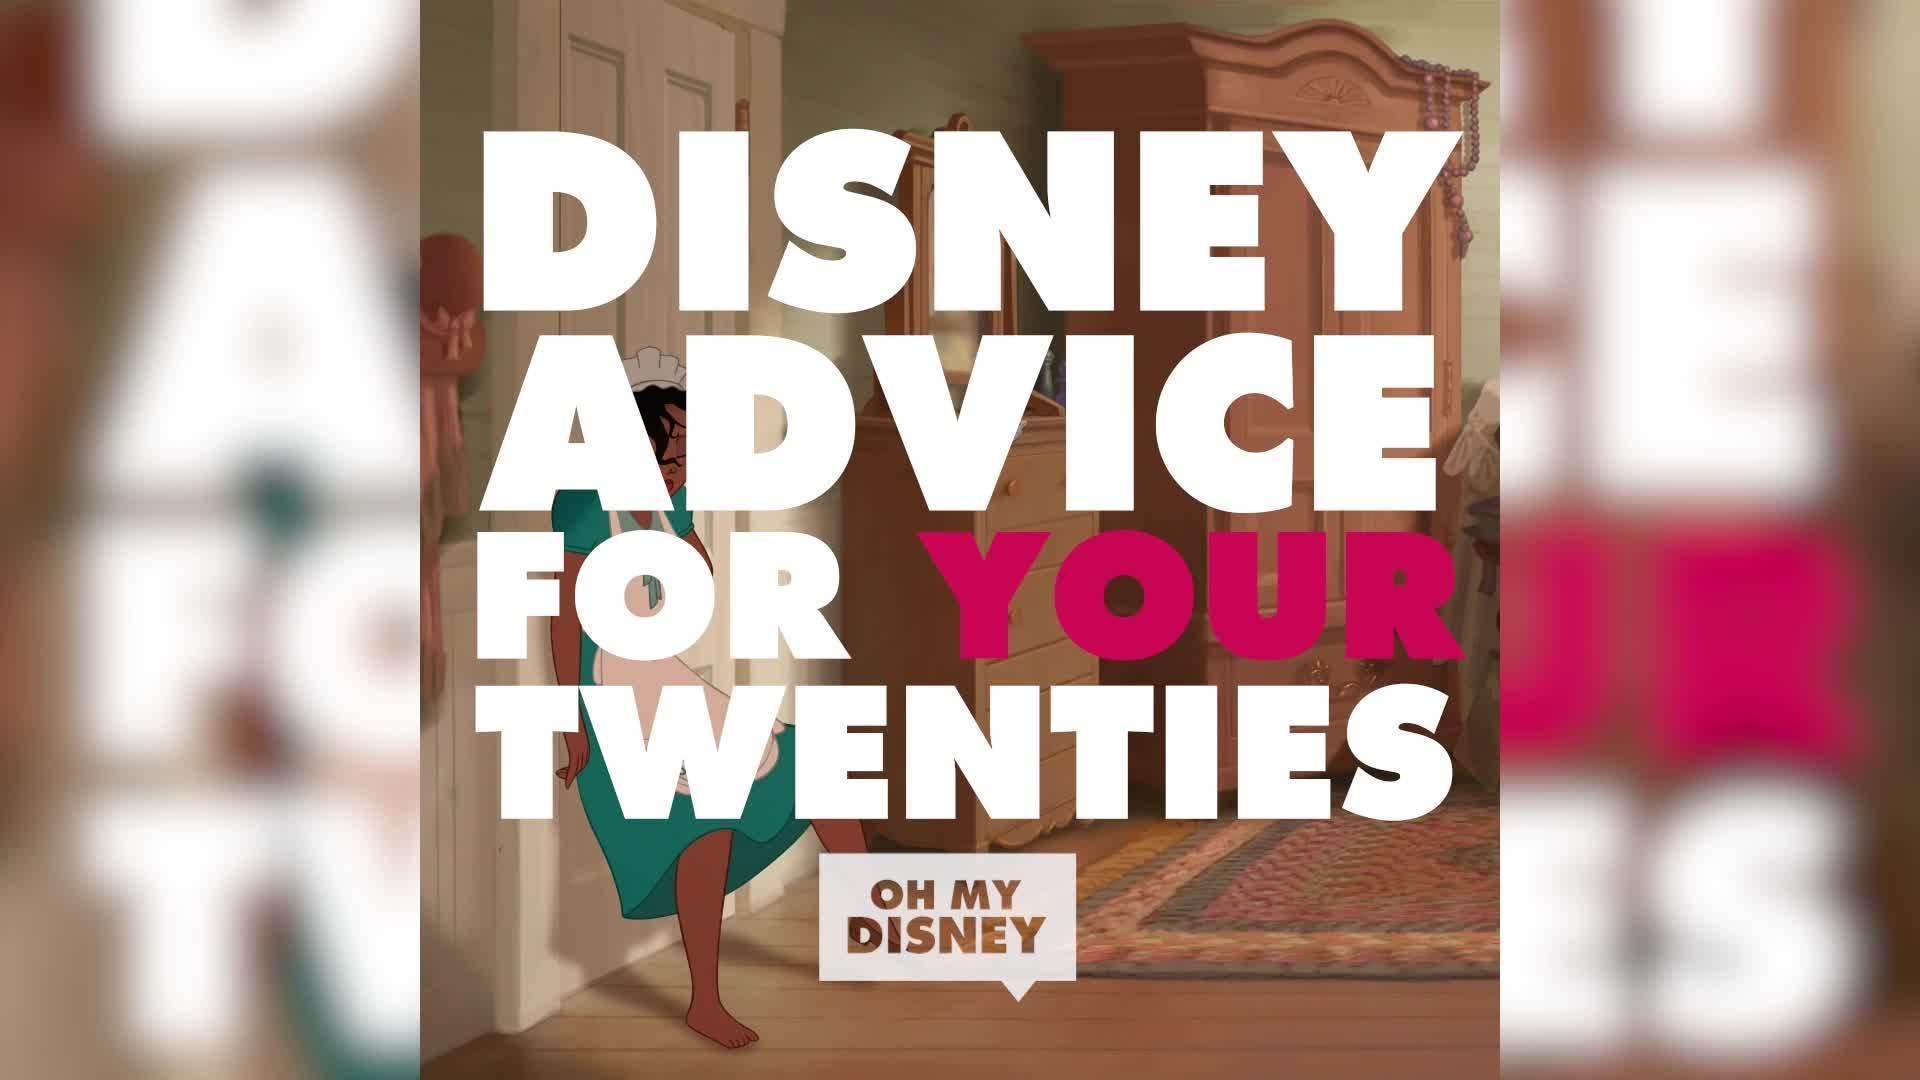 Disney Advice for Your Twenties